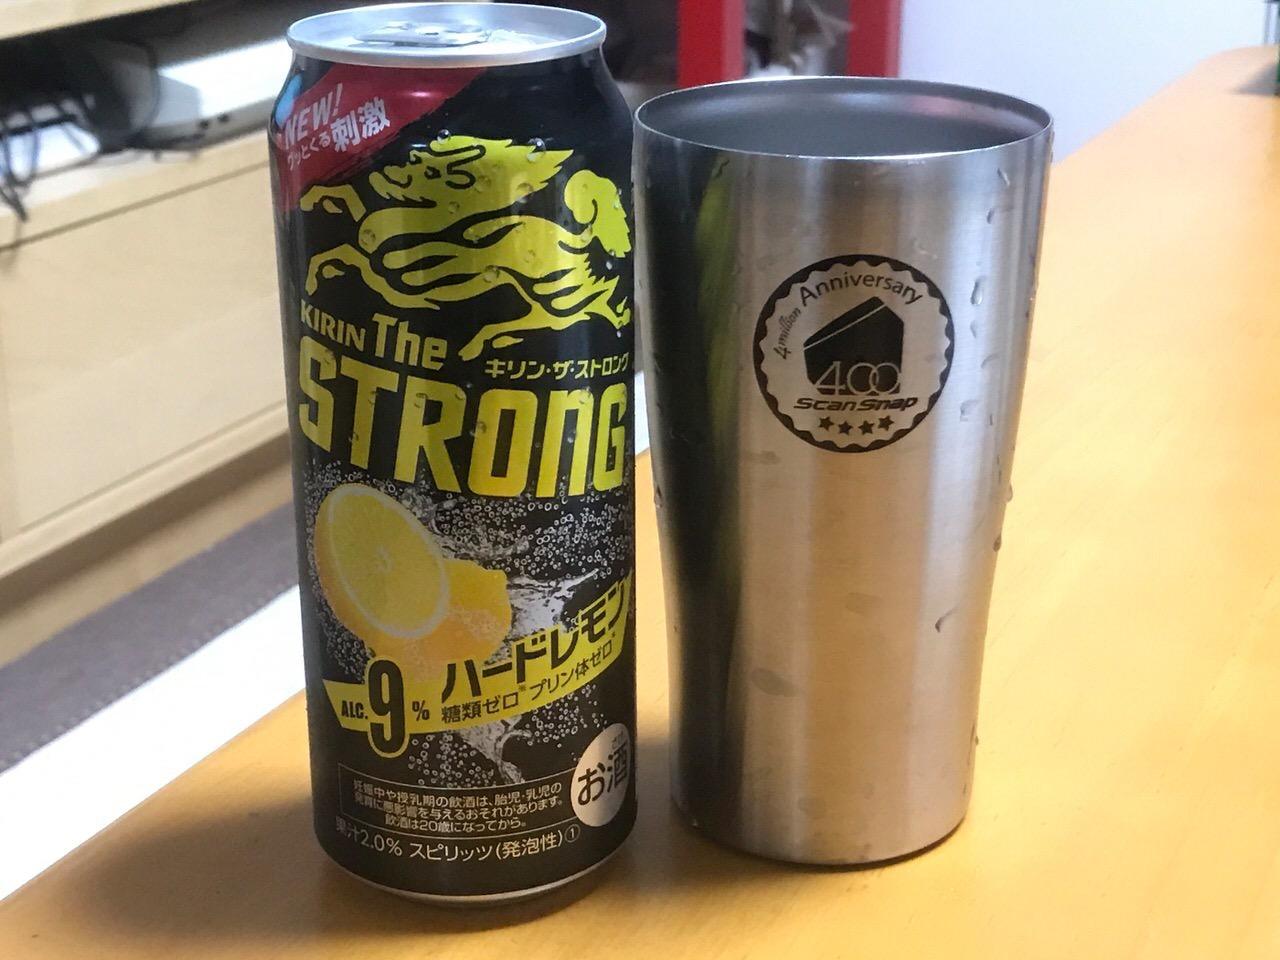 「キリン・ザ・ストロング(ハードレモン)」「キリン・ザ・ストロング」9%・糖類ゼロ・プリン体ゼロ